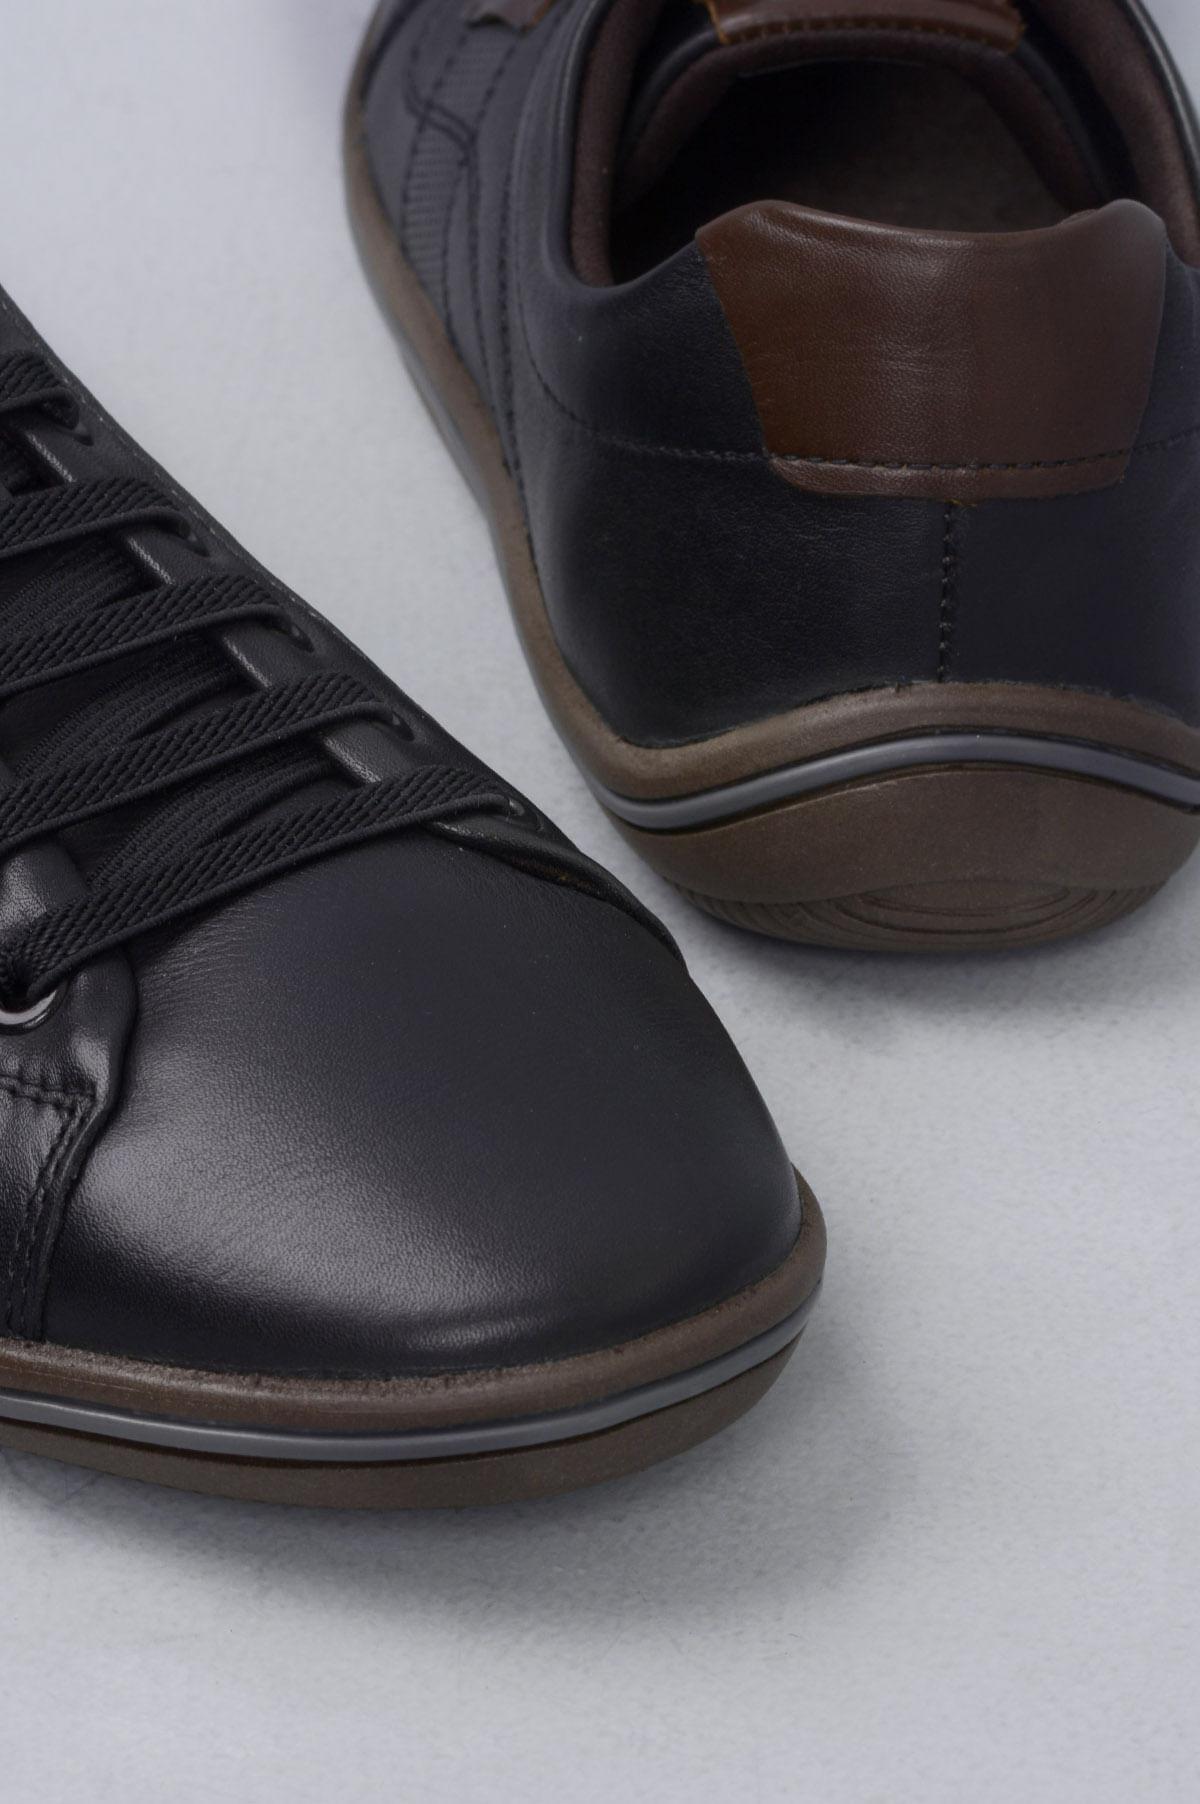 5caa9e5ff61 Sapatênis Masculino Democrata Rave CR-PRETO - Mundial Calçados